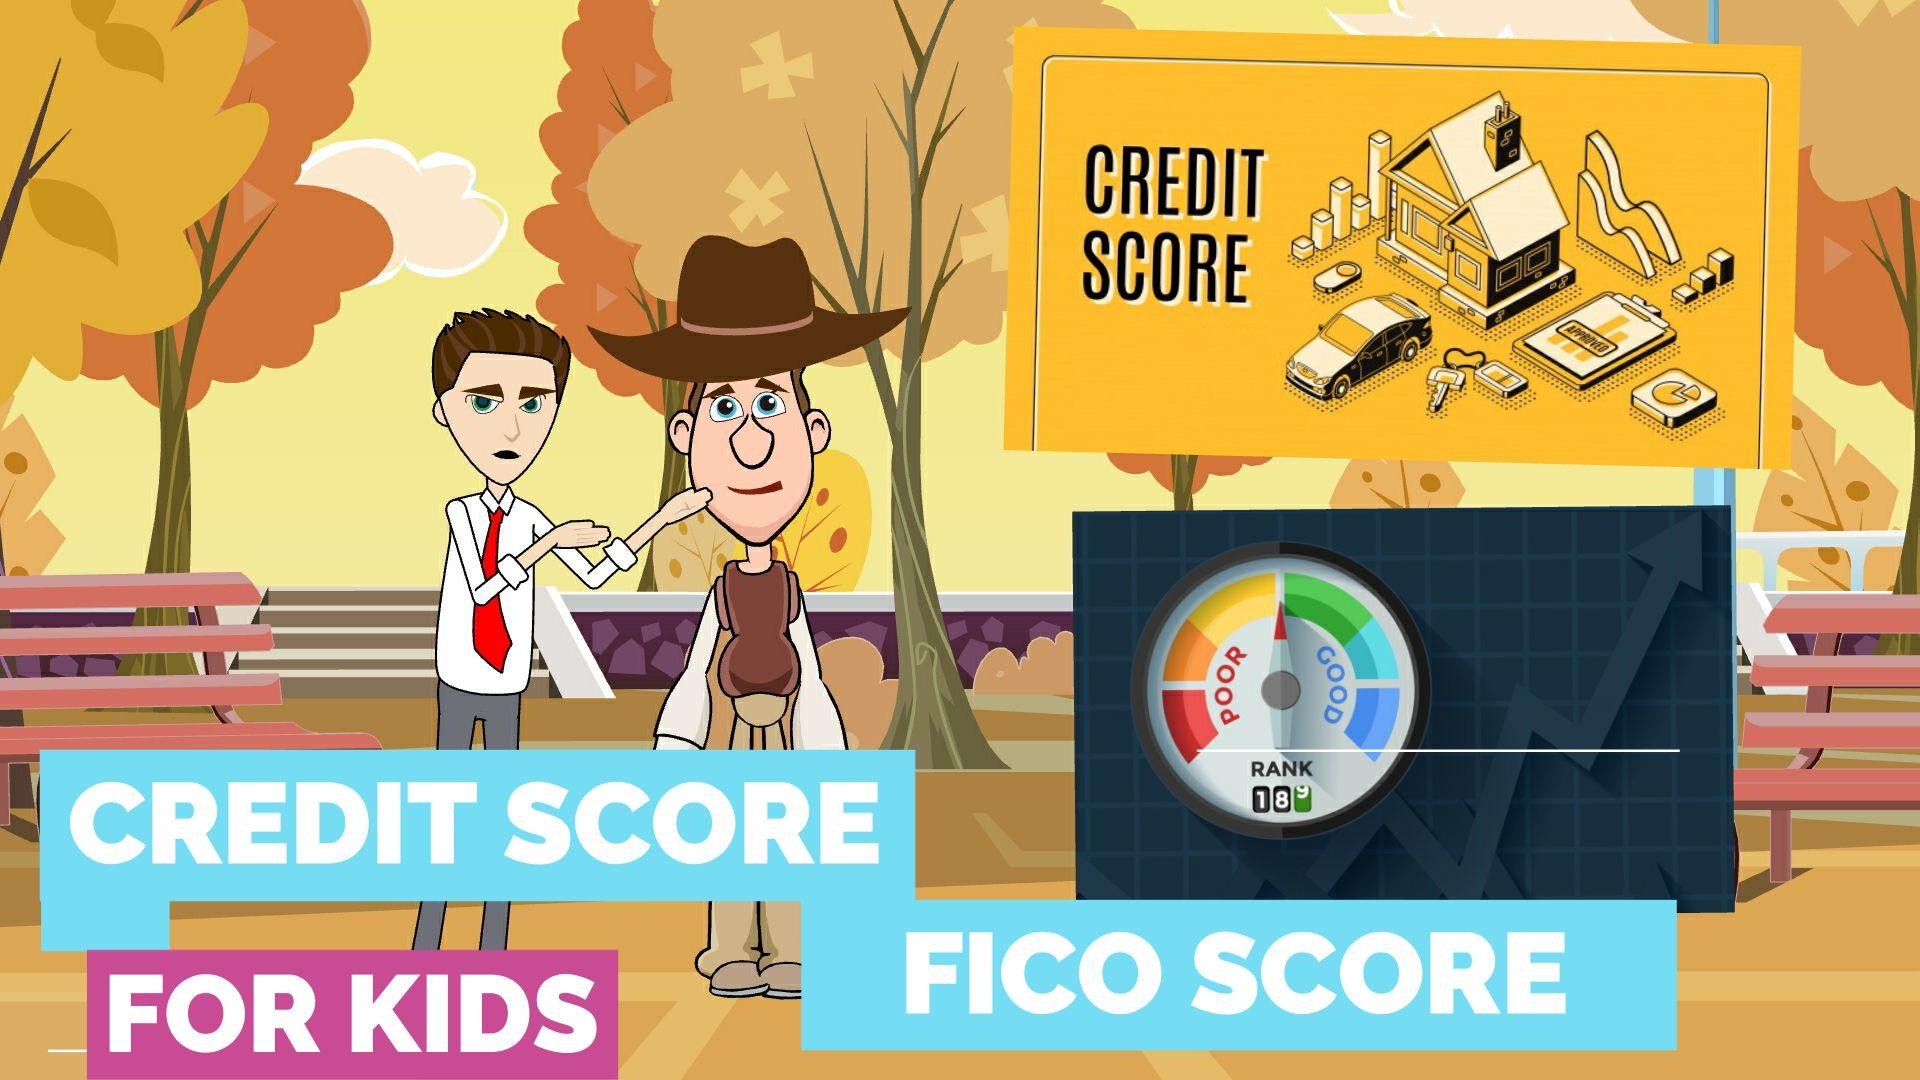 Credit Score FICO Score